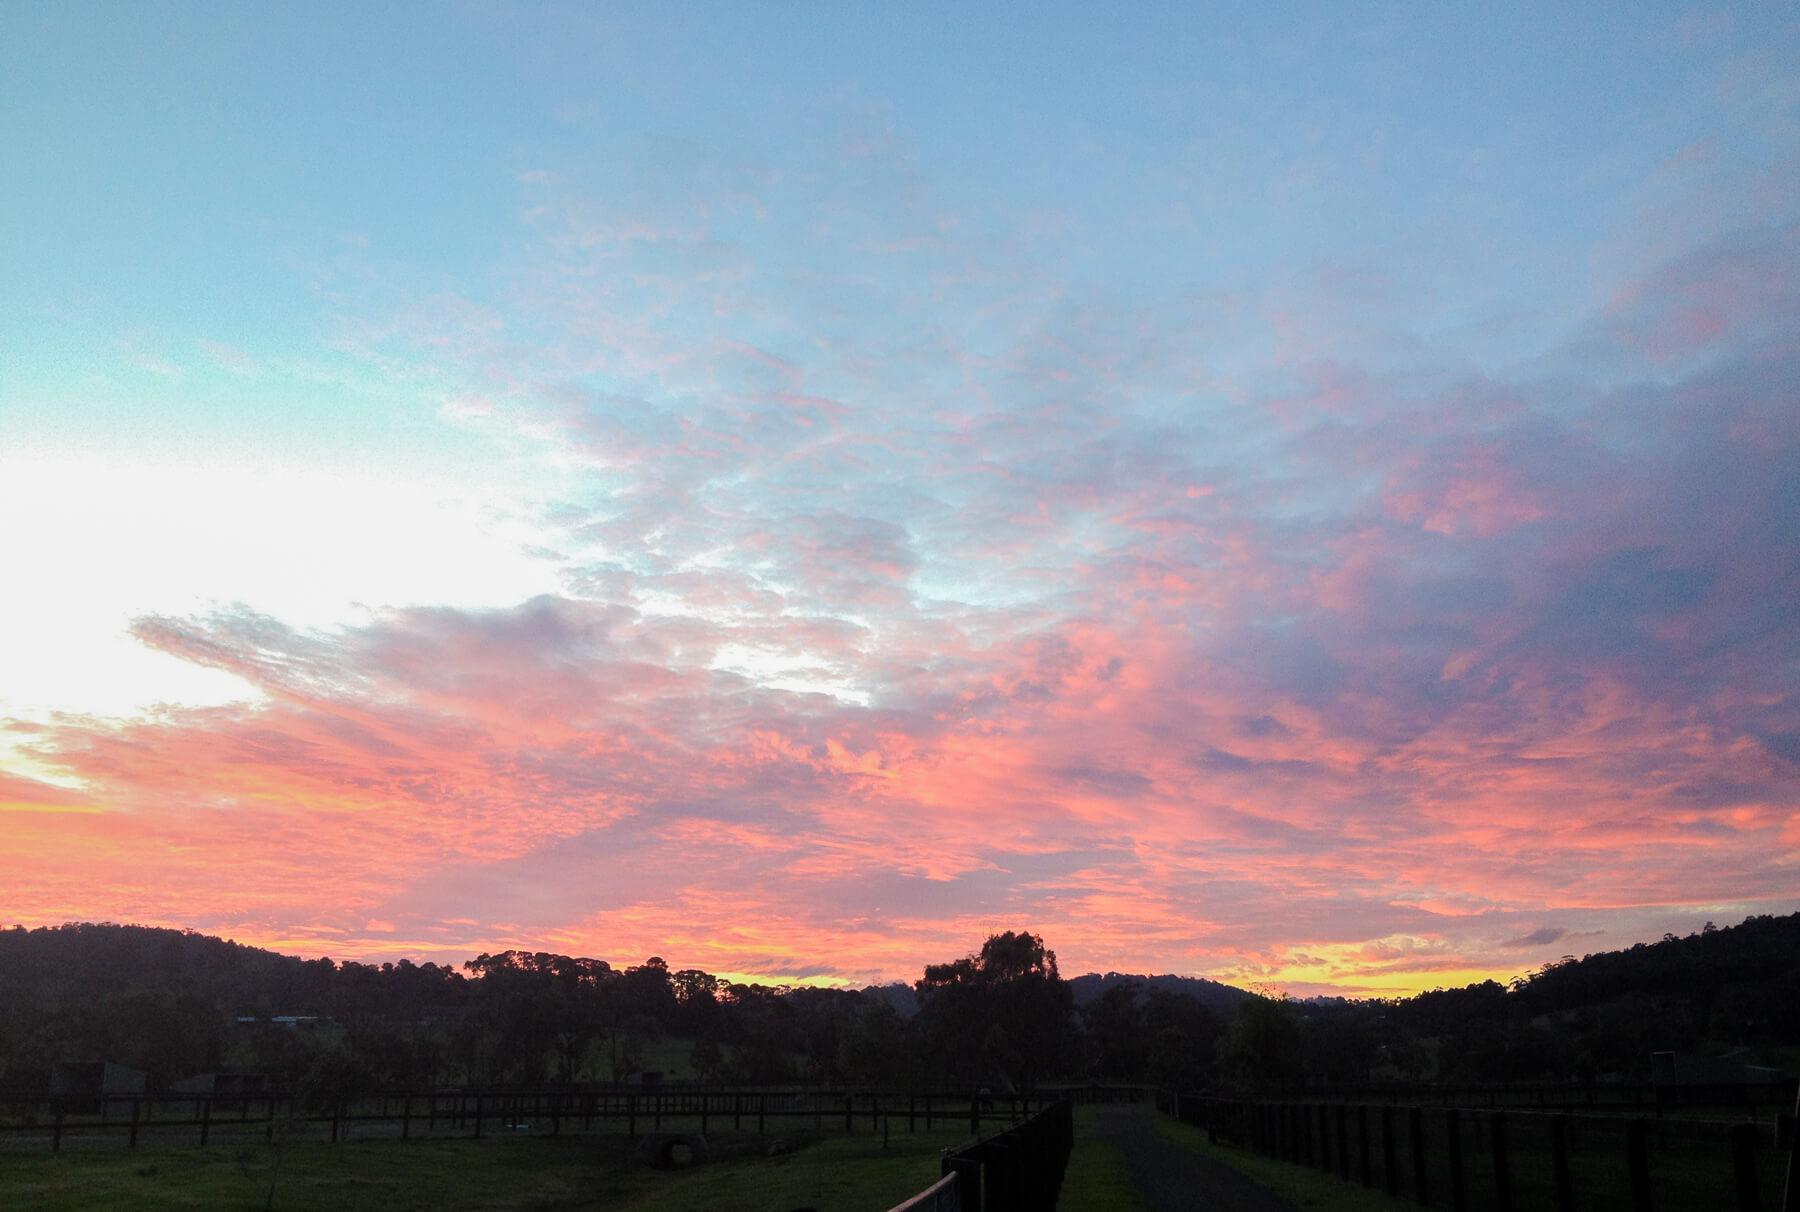 Pink clouds above an Australian farm